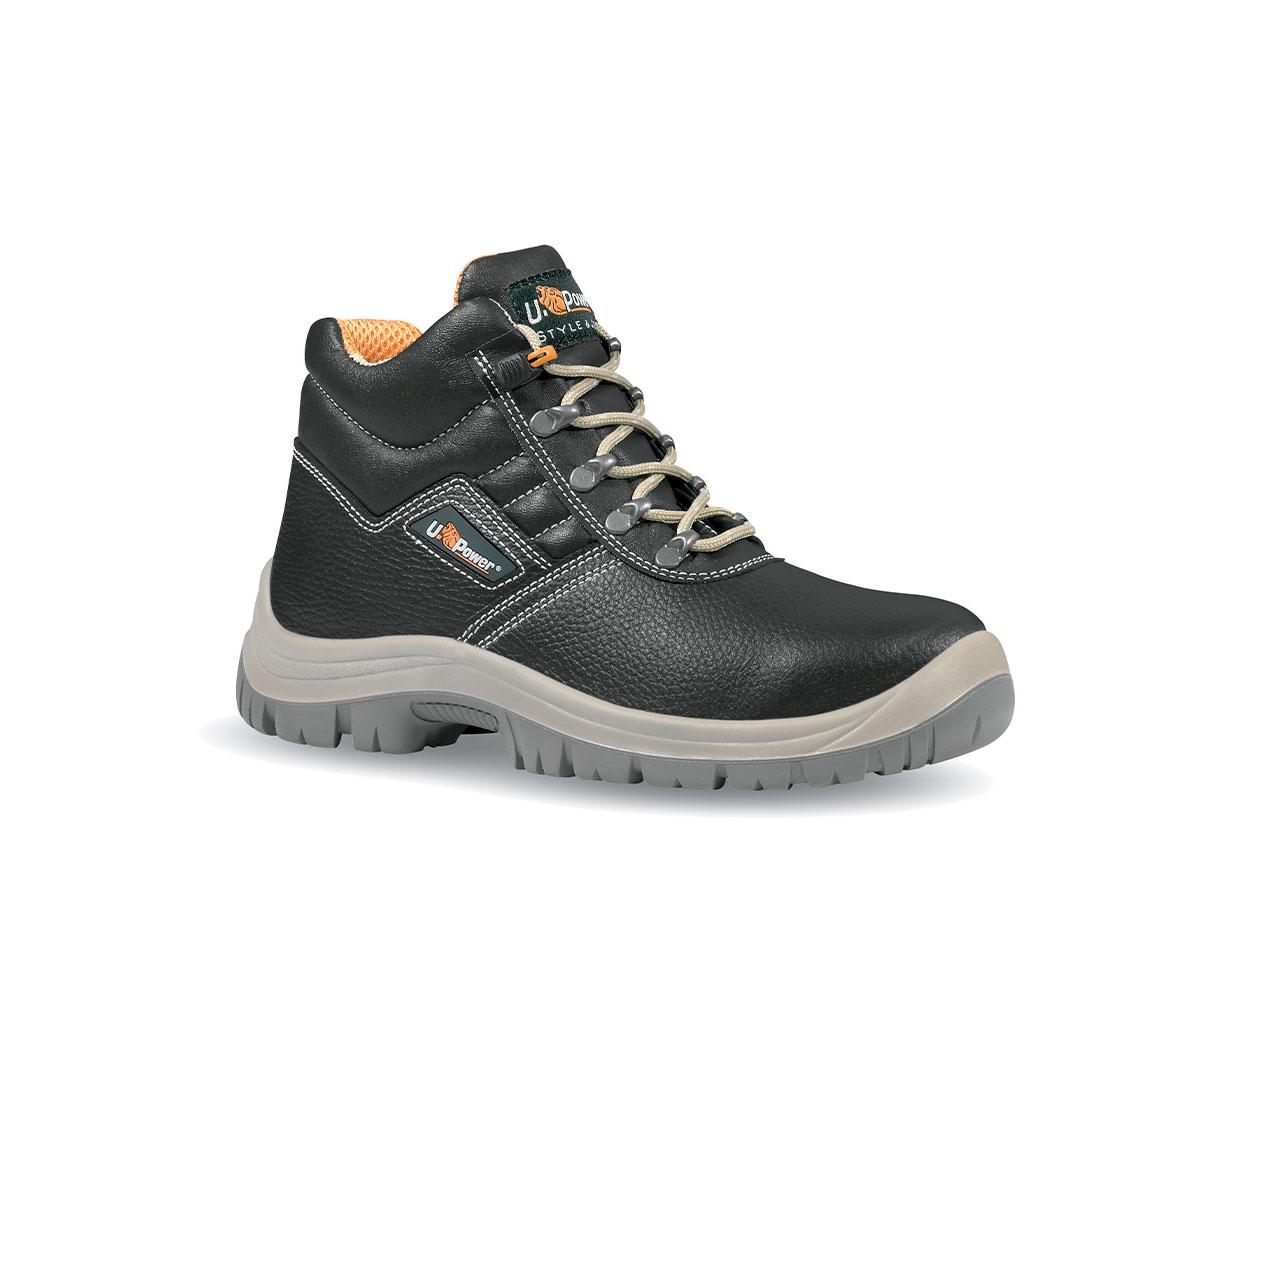 scarpa antinfortunistica upower modello tanner linea STYLE_JOB vista laterale